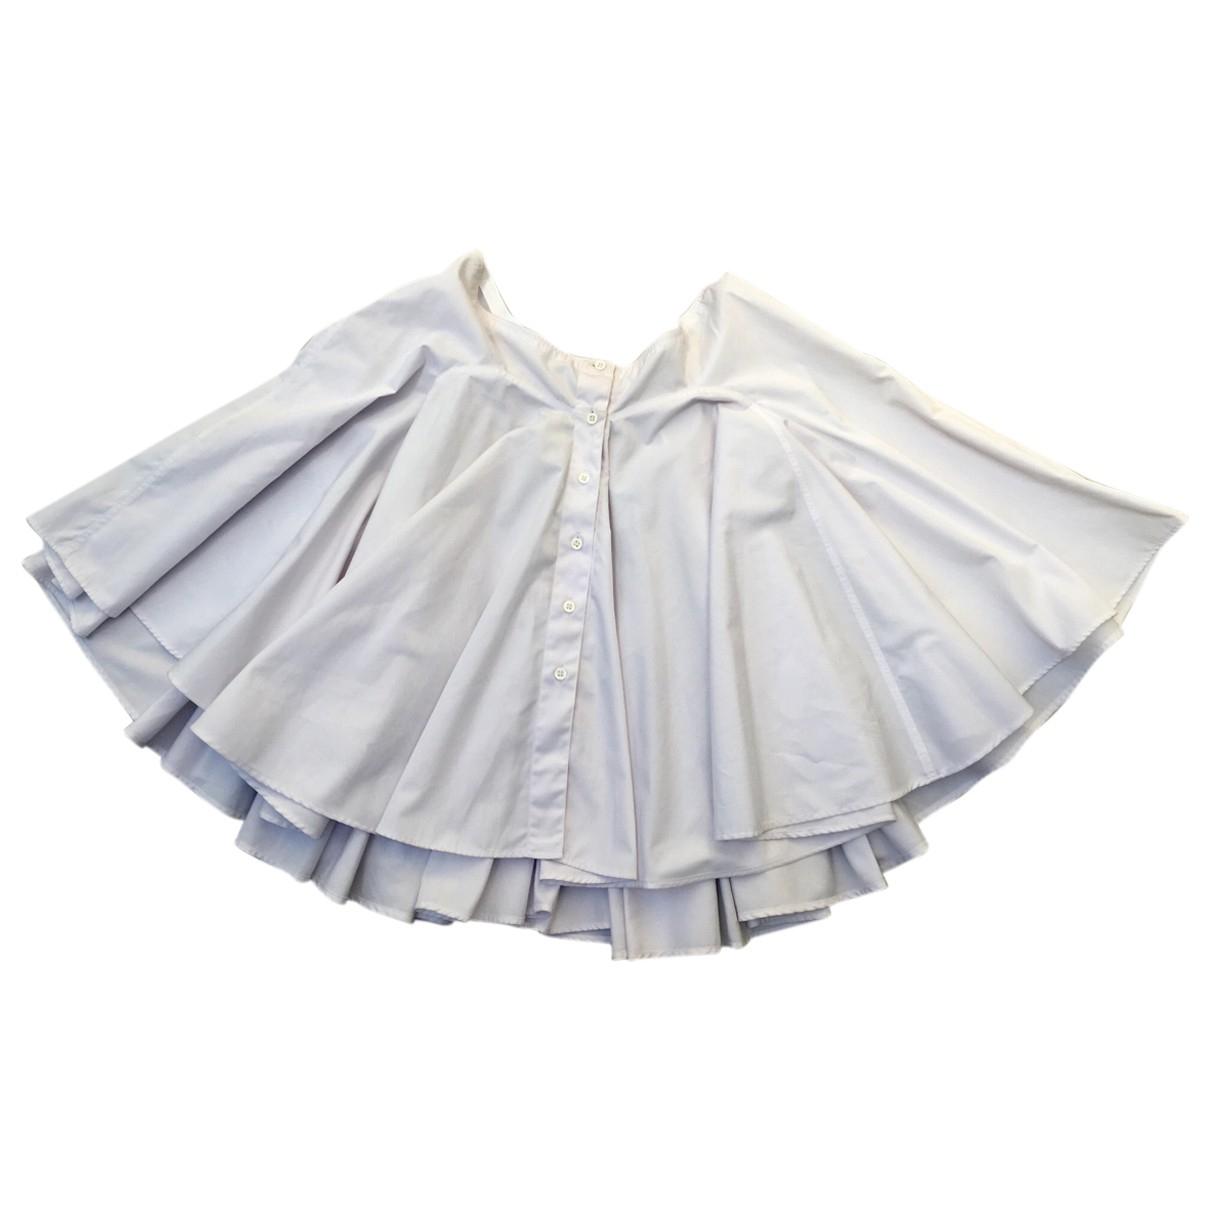 Alaïa \N White Cotton skirt for Women S International